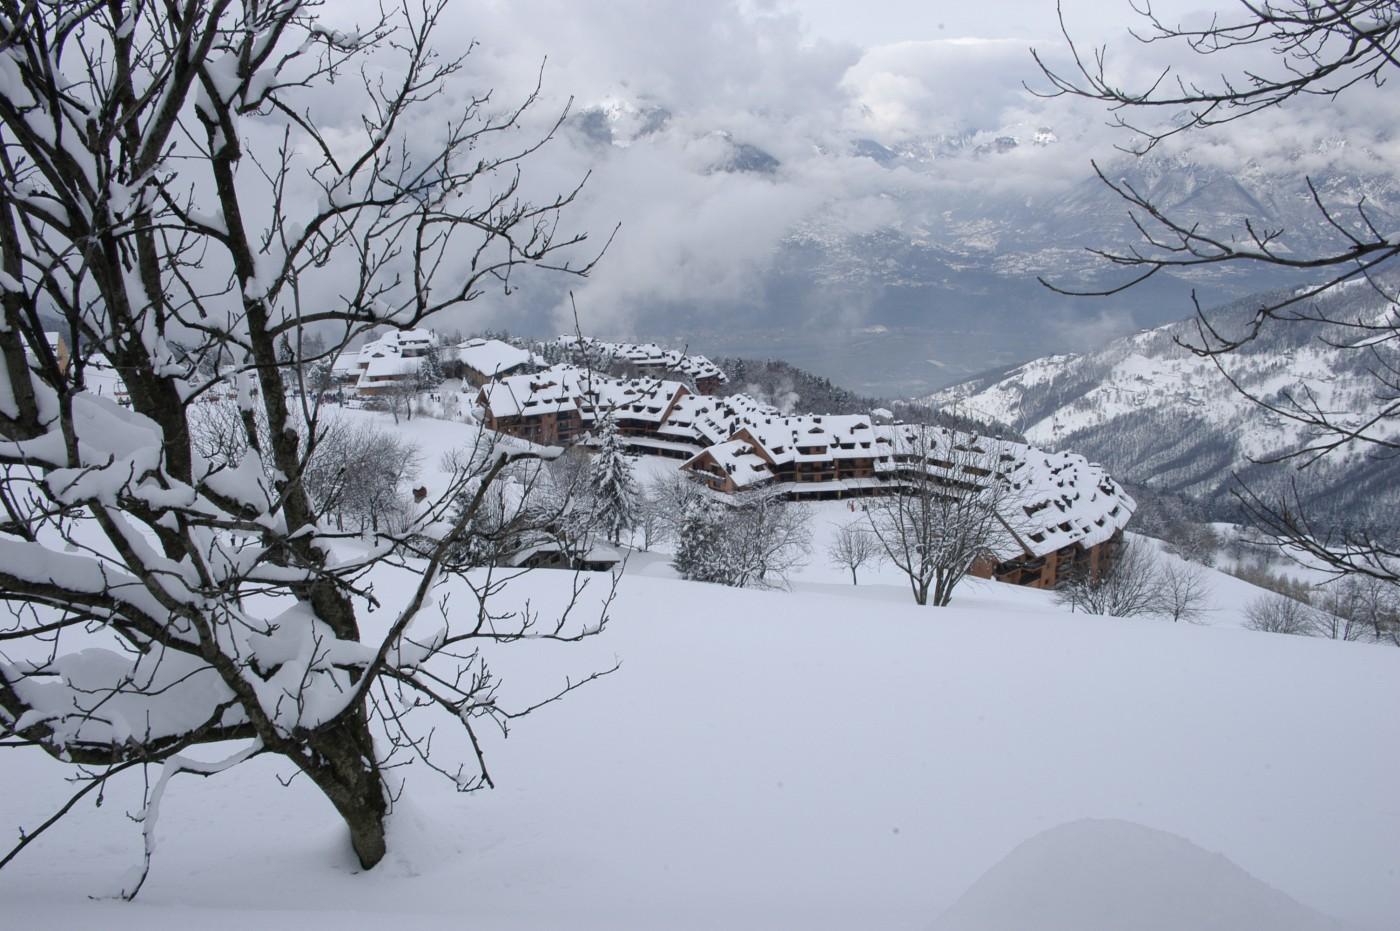 Montecampione village